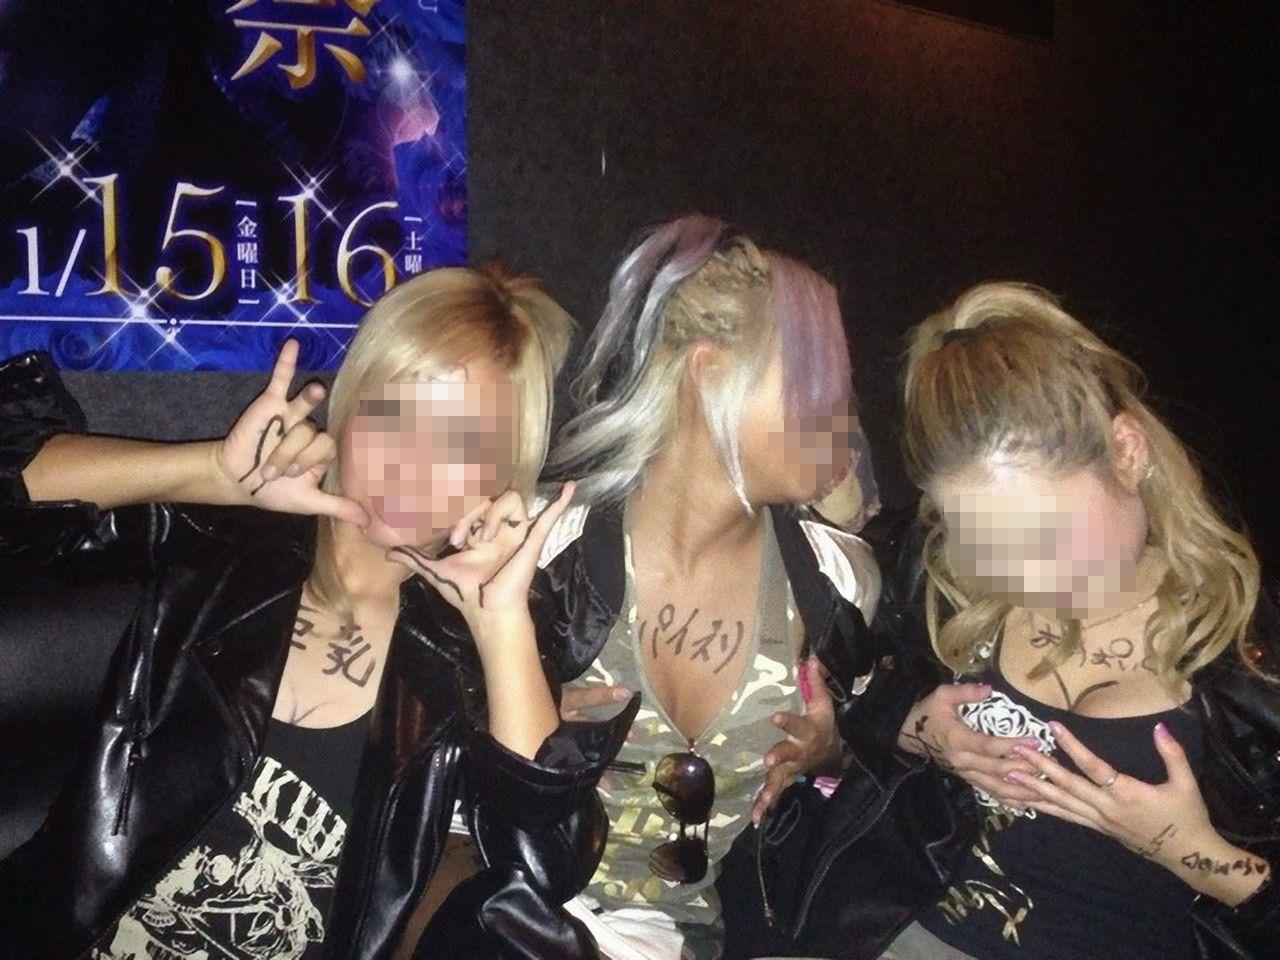 ヤリサーで酒が入ると男女が乱れるエロ画像 GOaDQQbuZV35uiBN